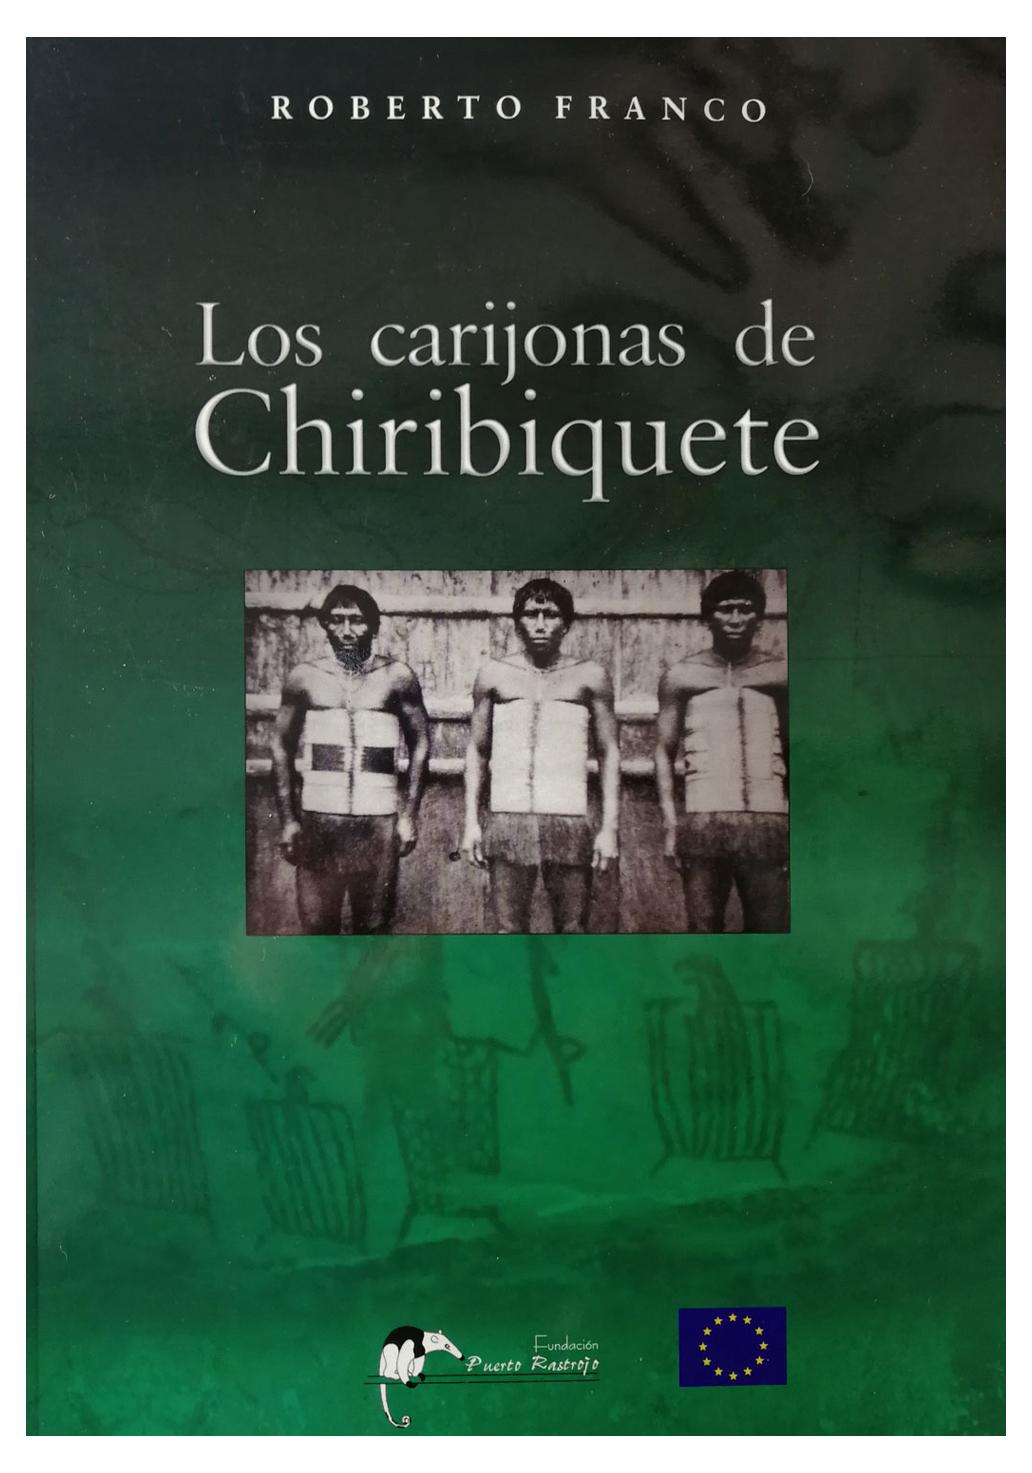 Los Carijona de Chiribiquete